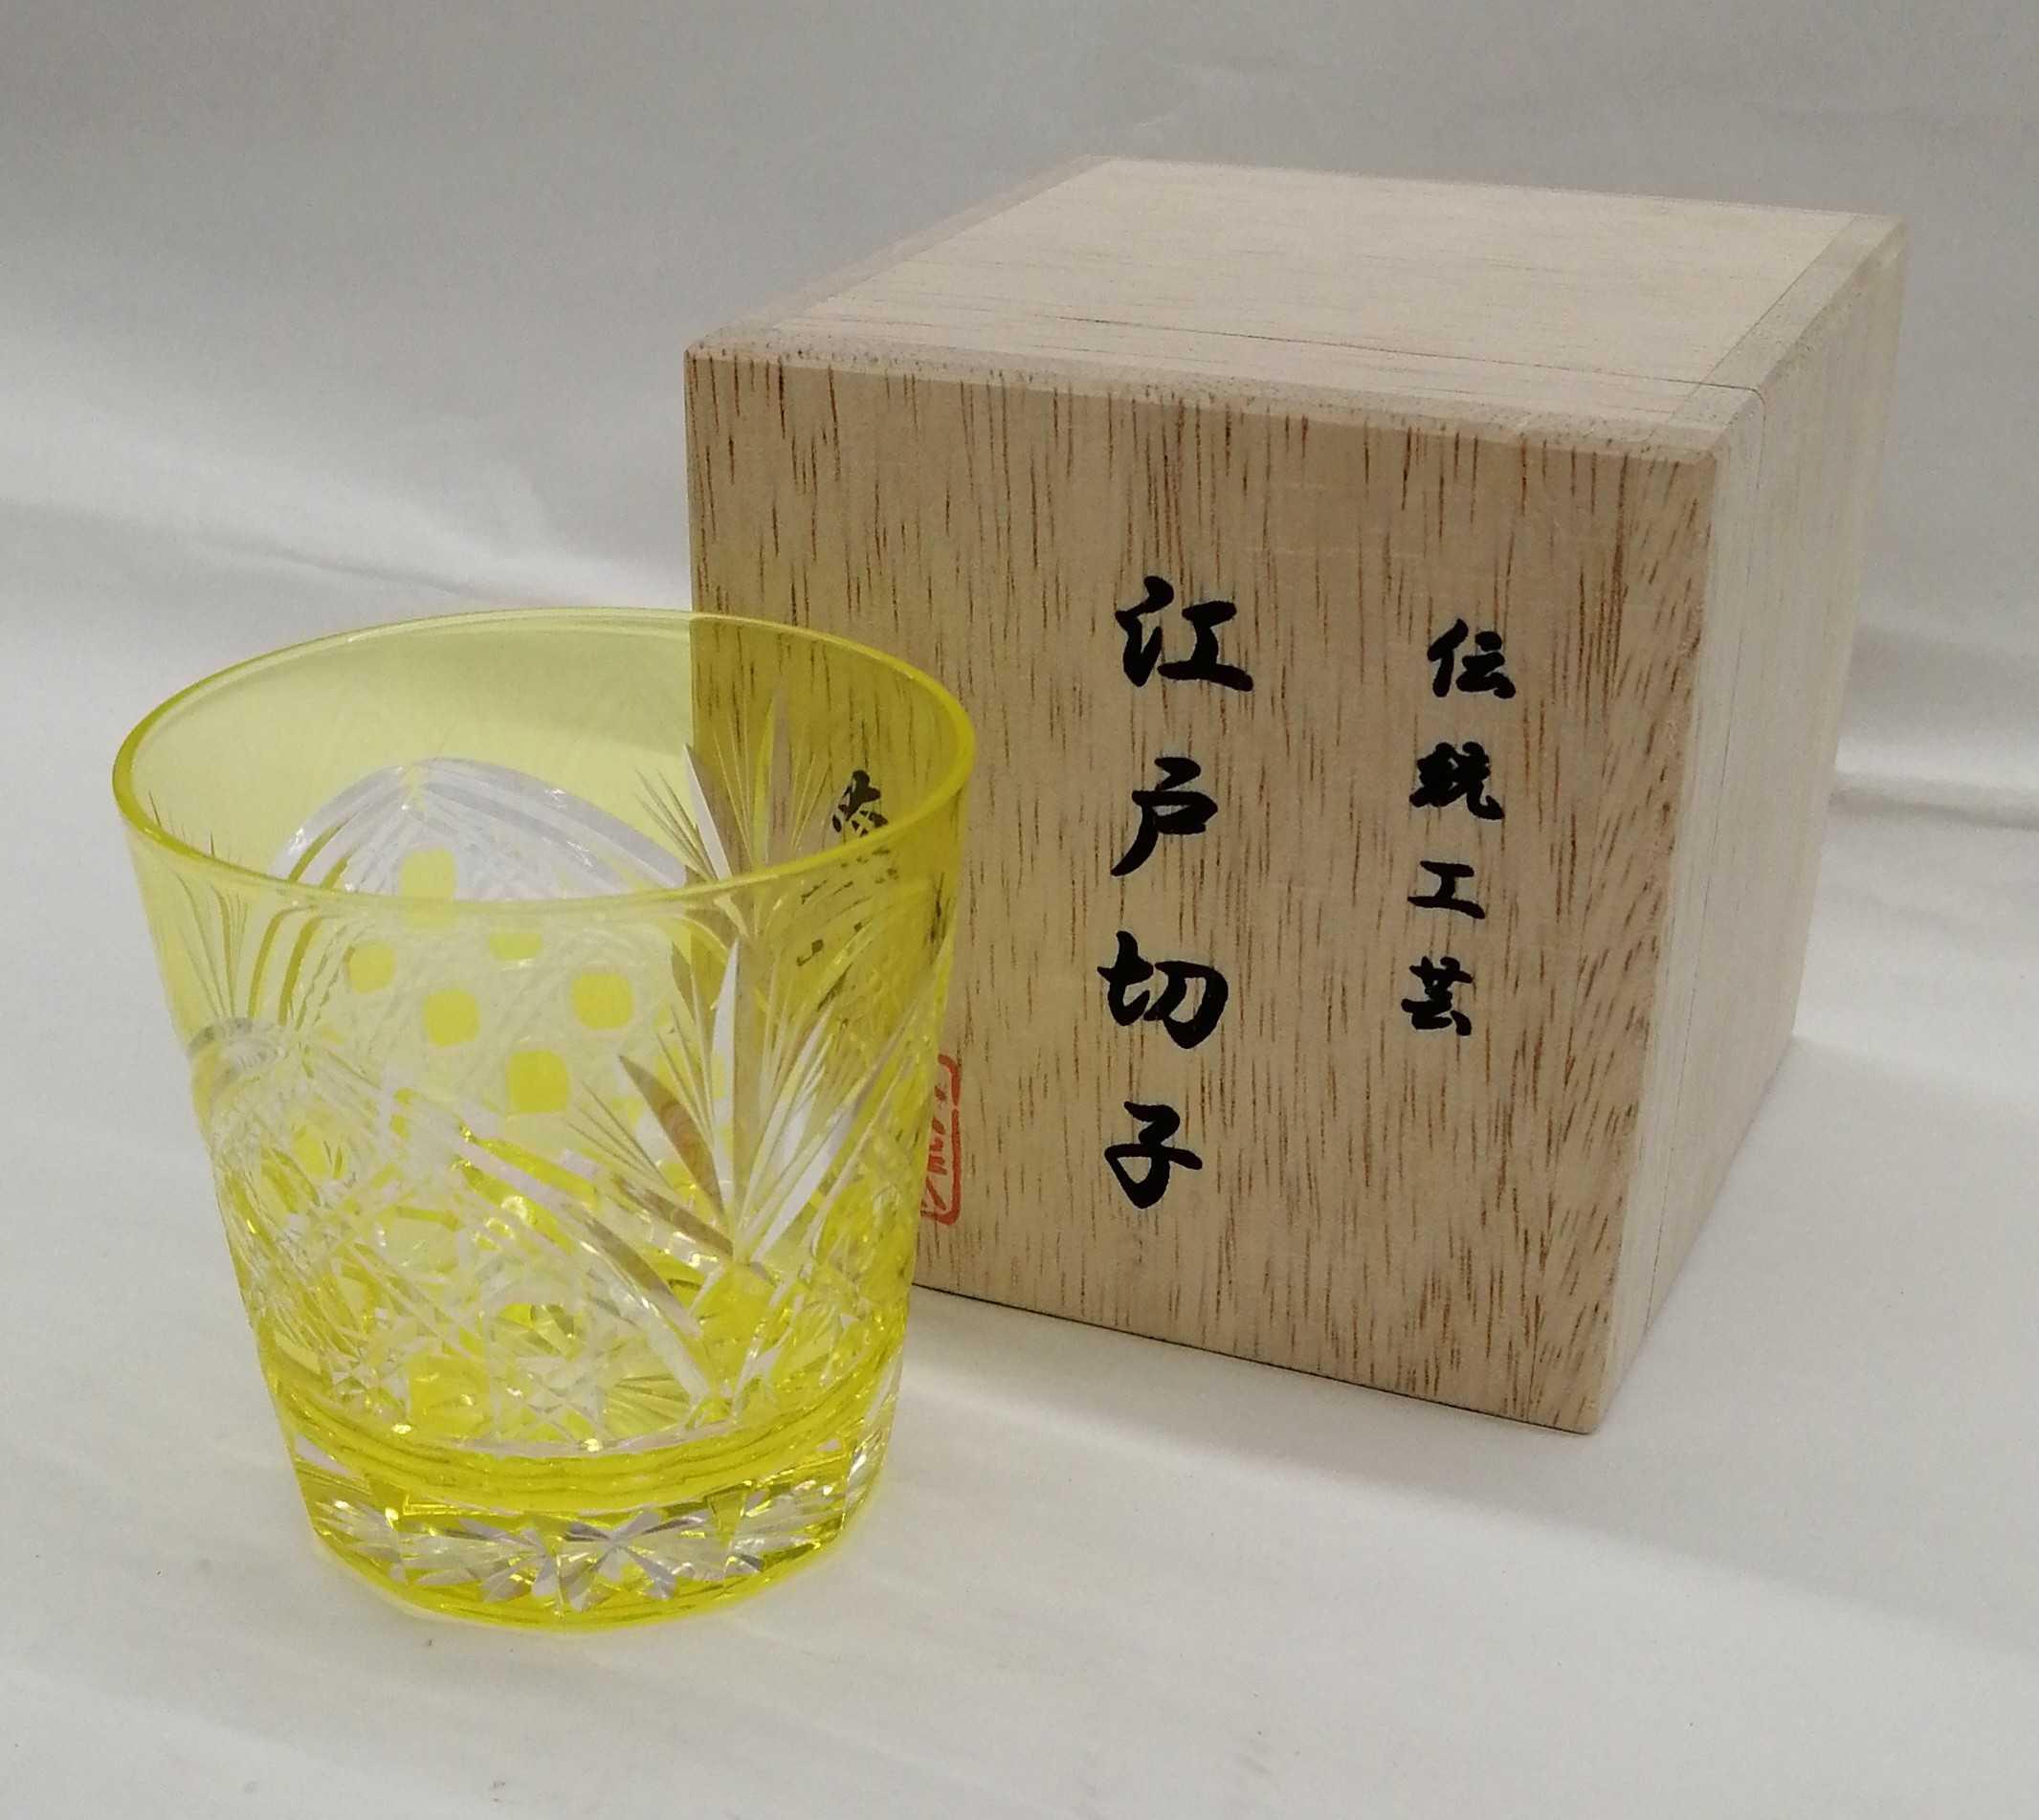 フリーカップ|江戸切子